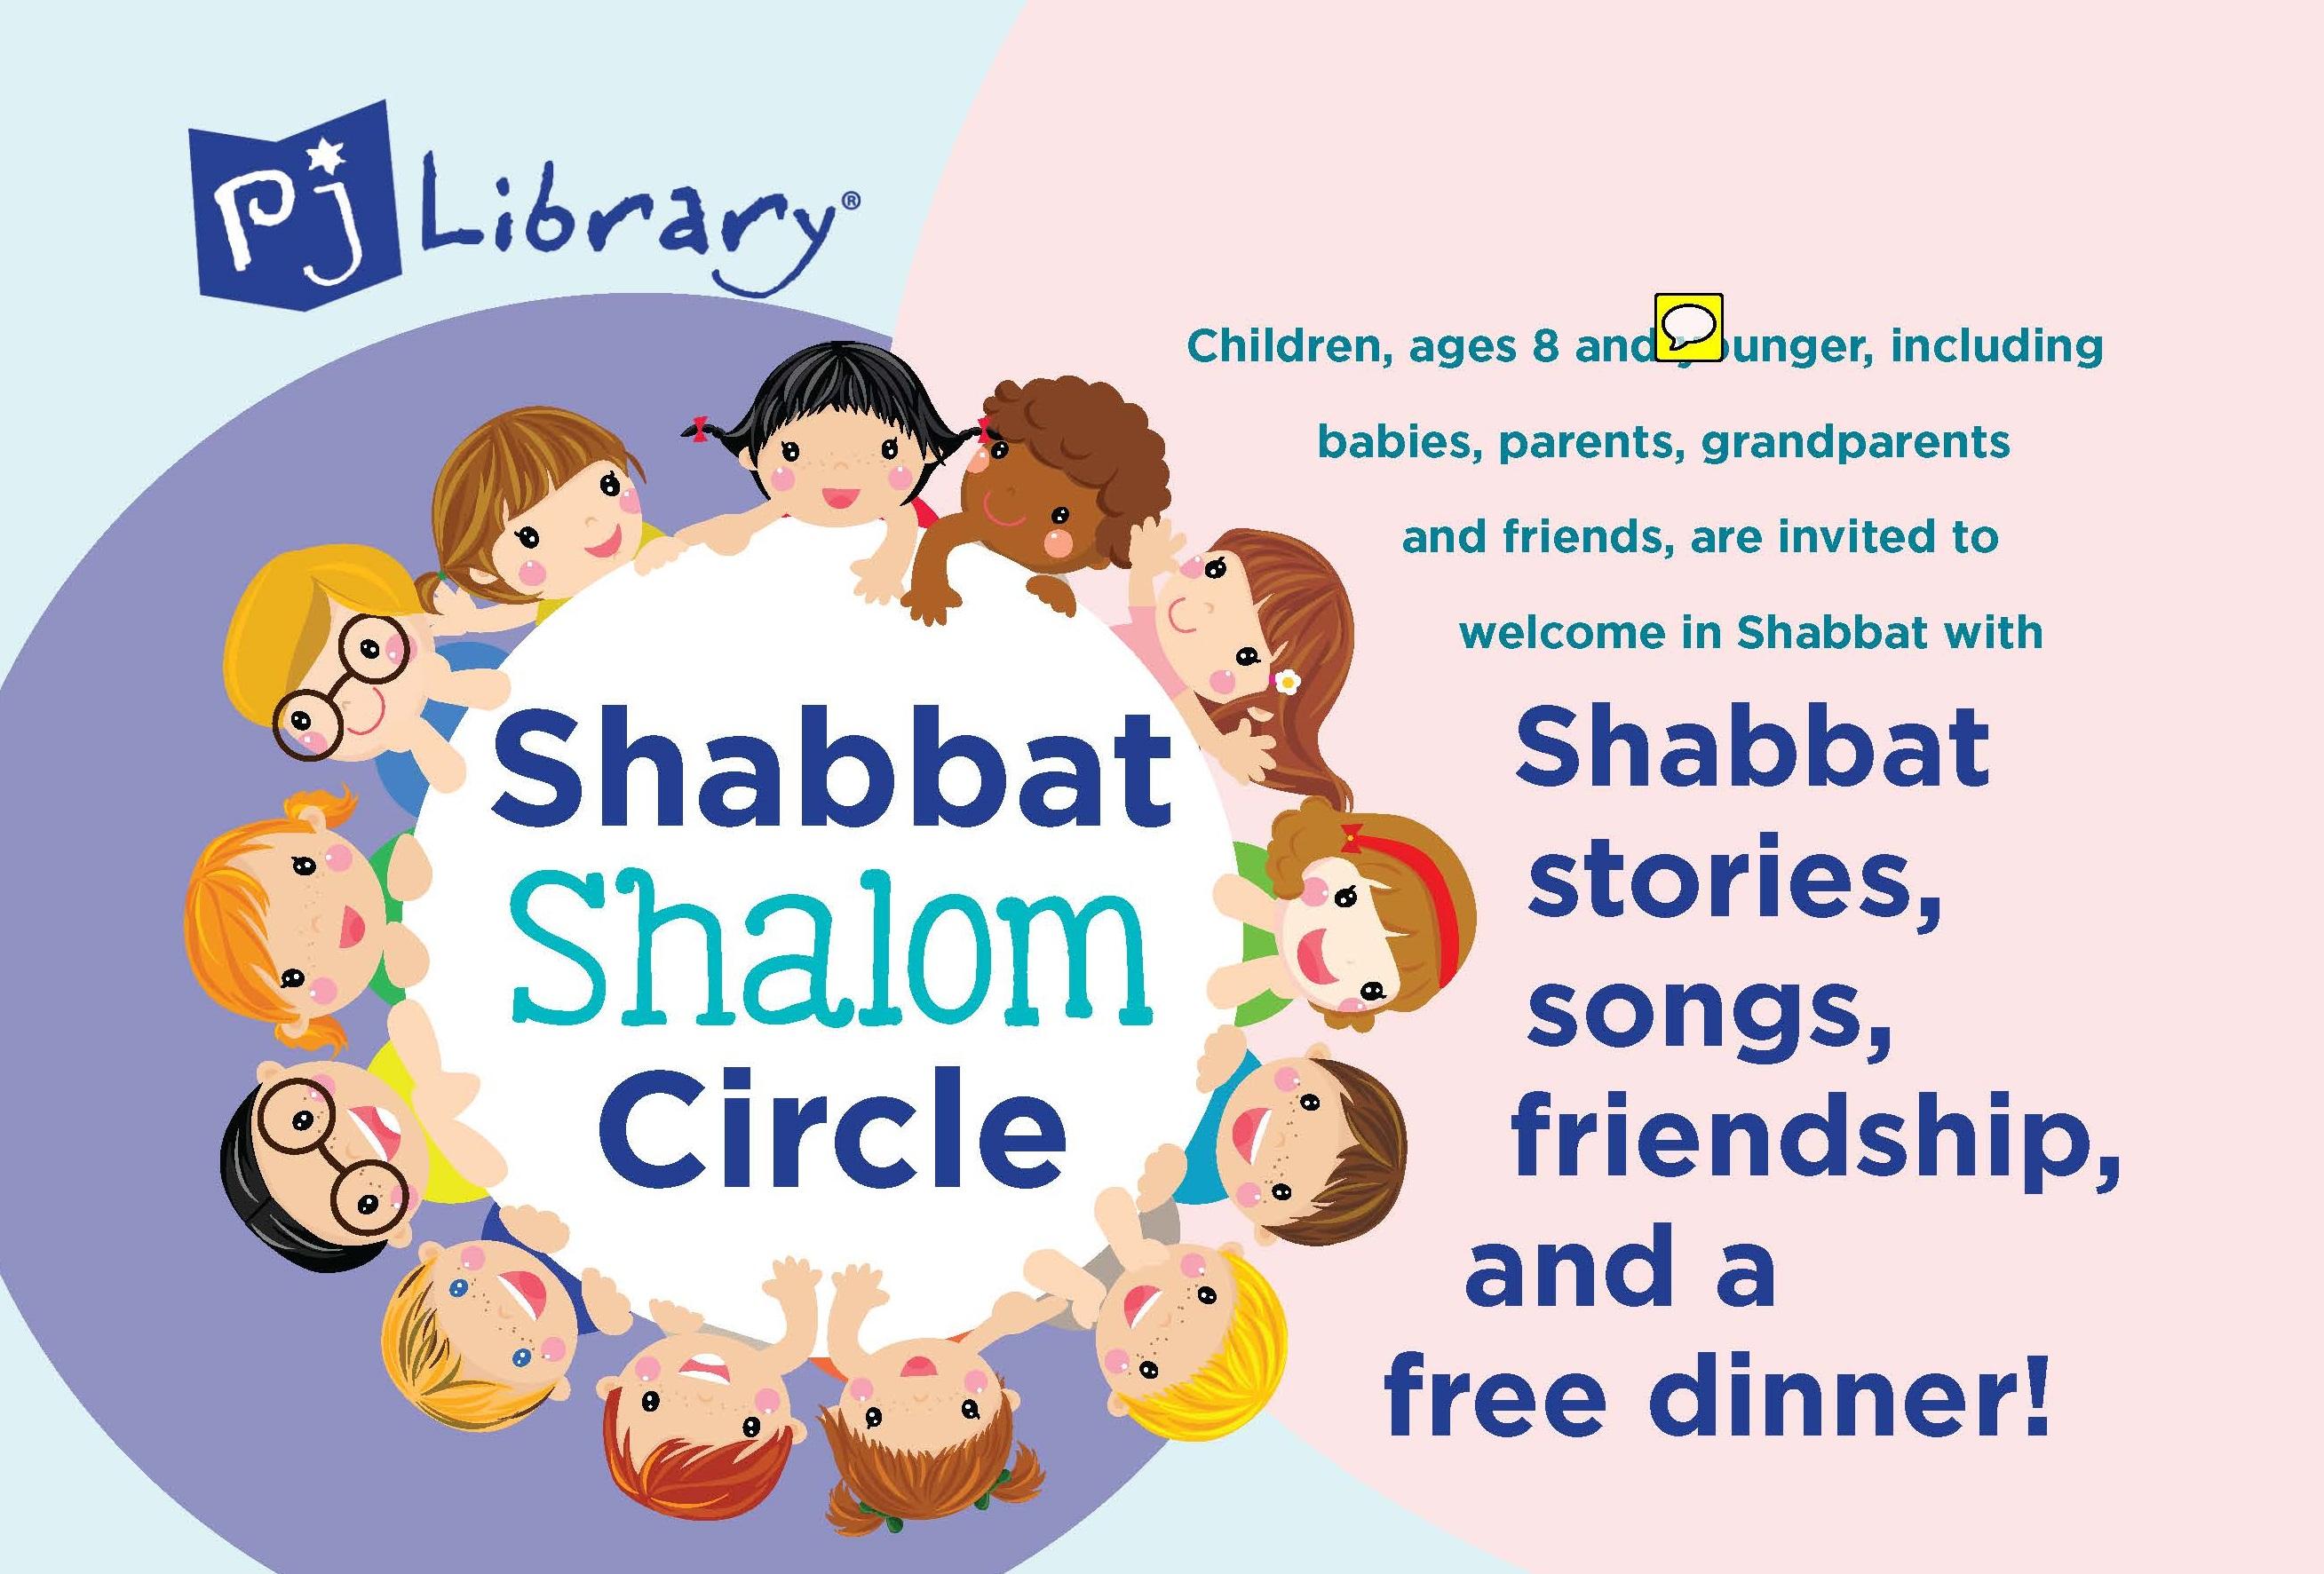 PJ Library Shabbat Shalom Circle